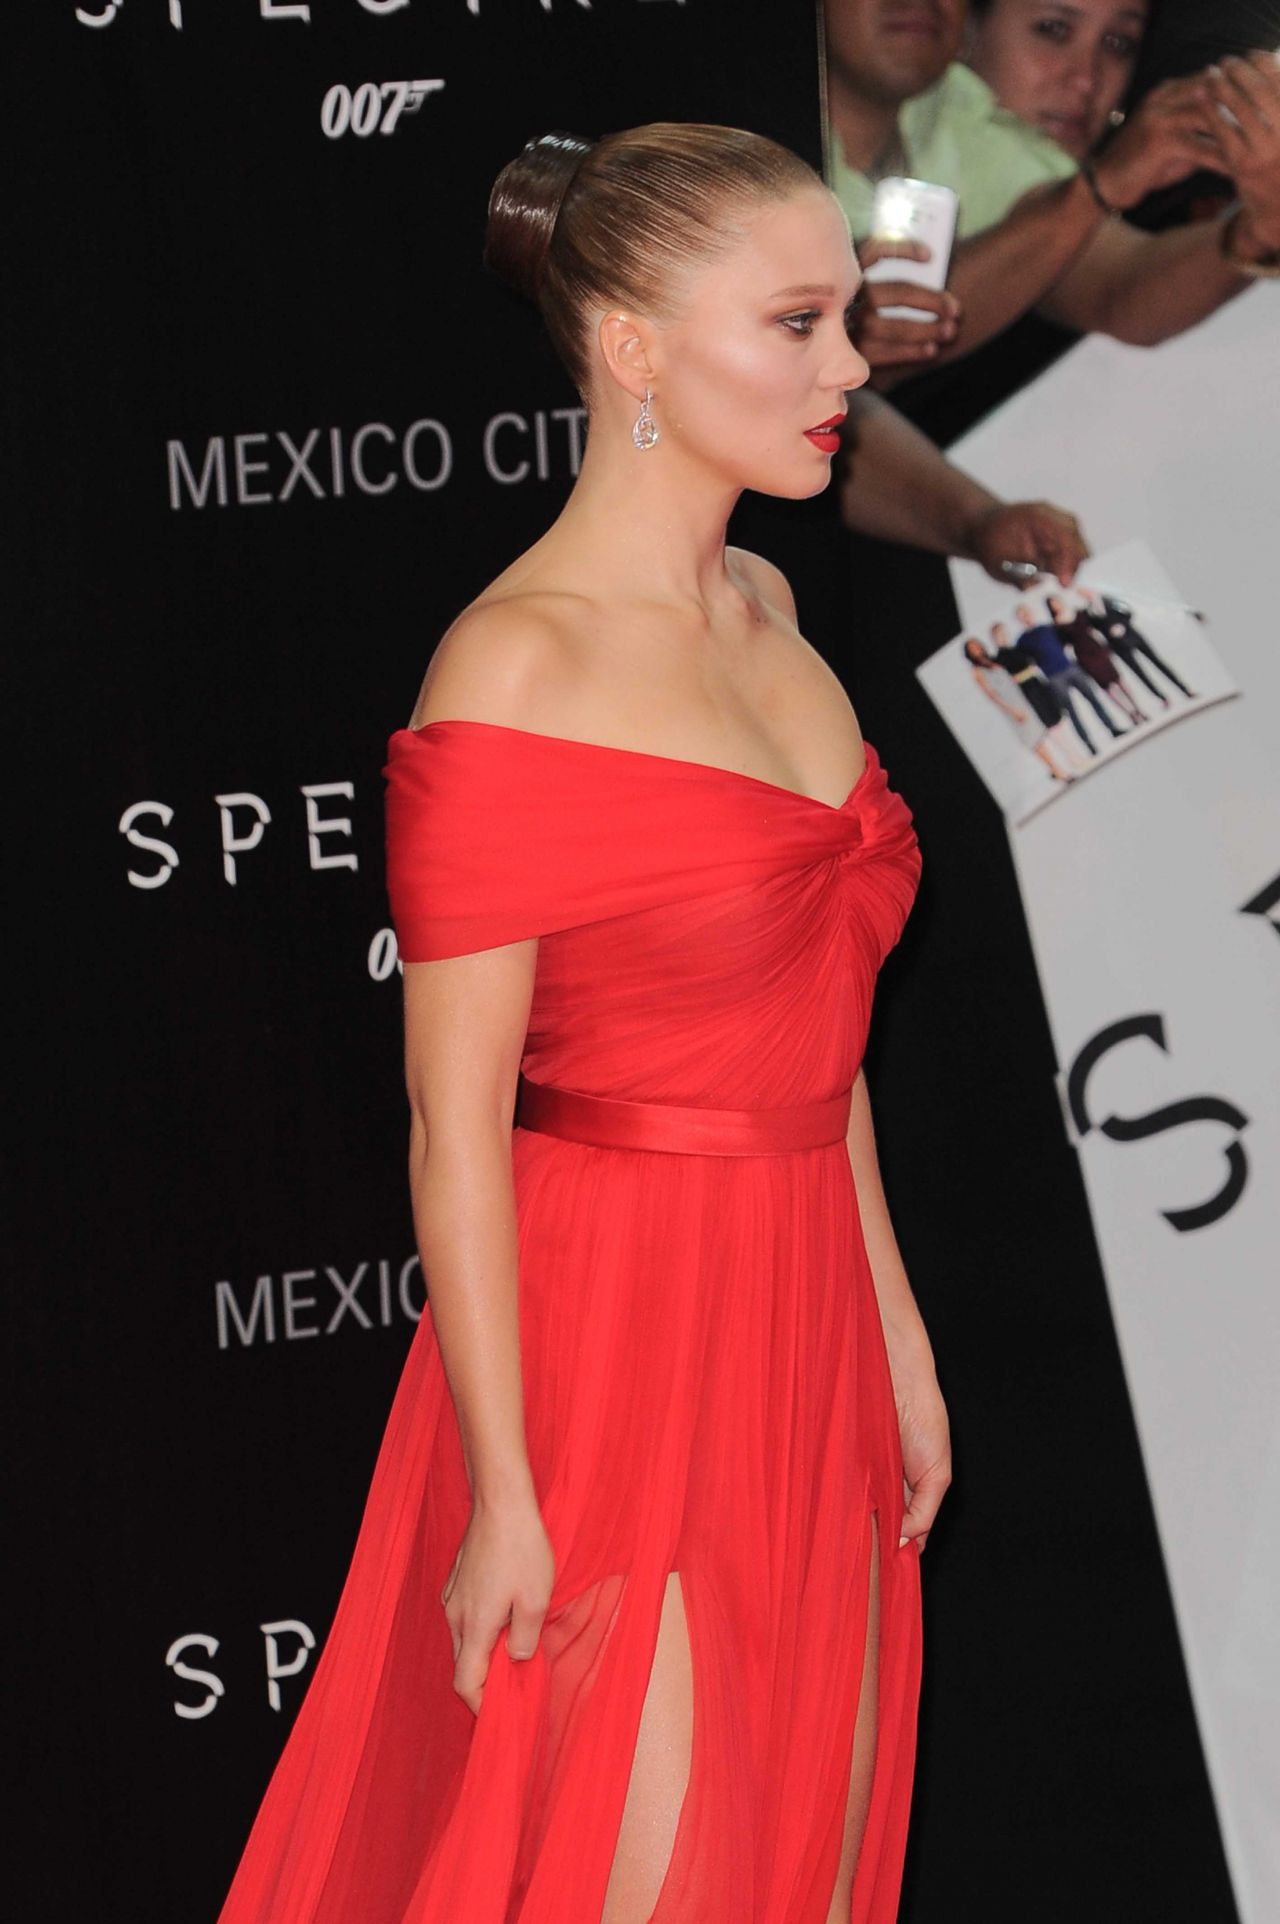 Lea Seydoux James Bond Spectre Latin America Film Premiere In Mexico City